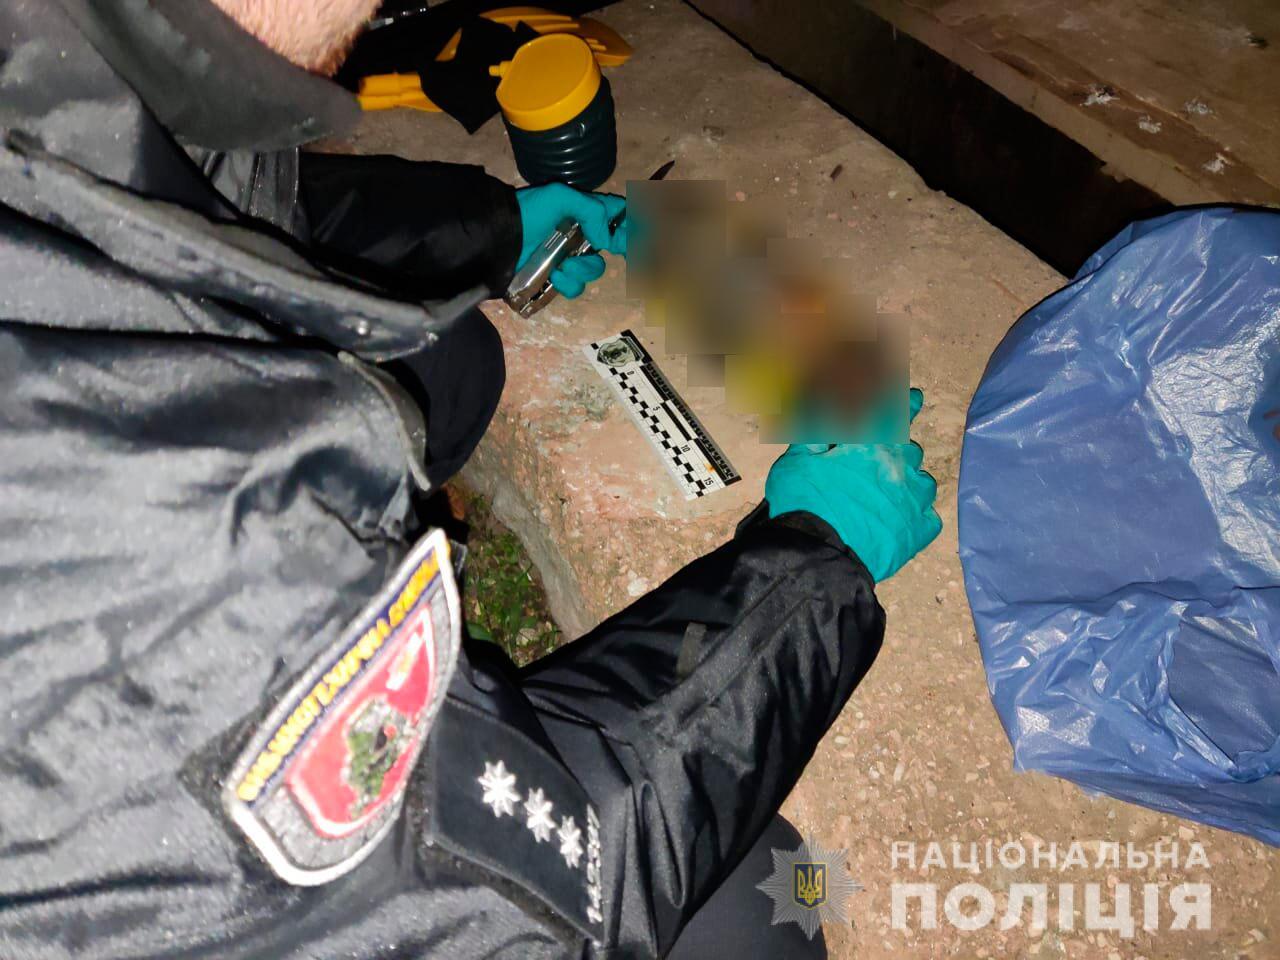 В Николаеве нашли взрывное устройство. Оказалось - муляж, но к эвакуации готовились по-настоящему (ФОТО) 5